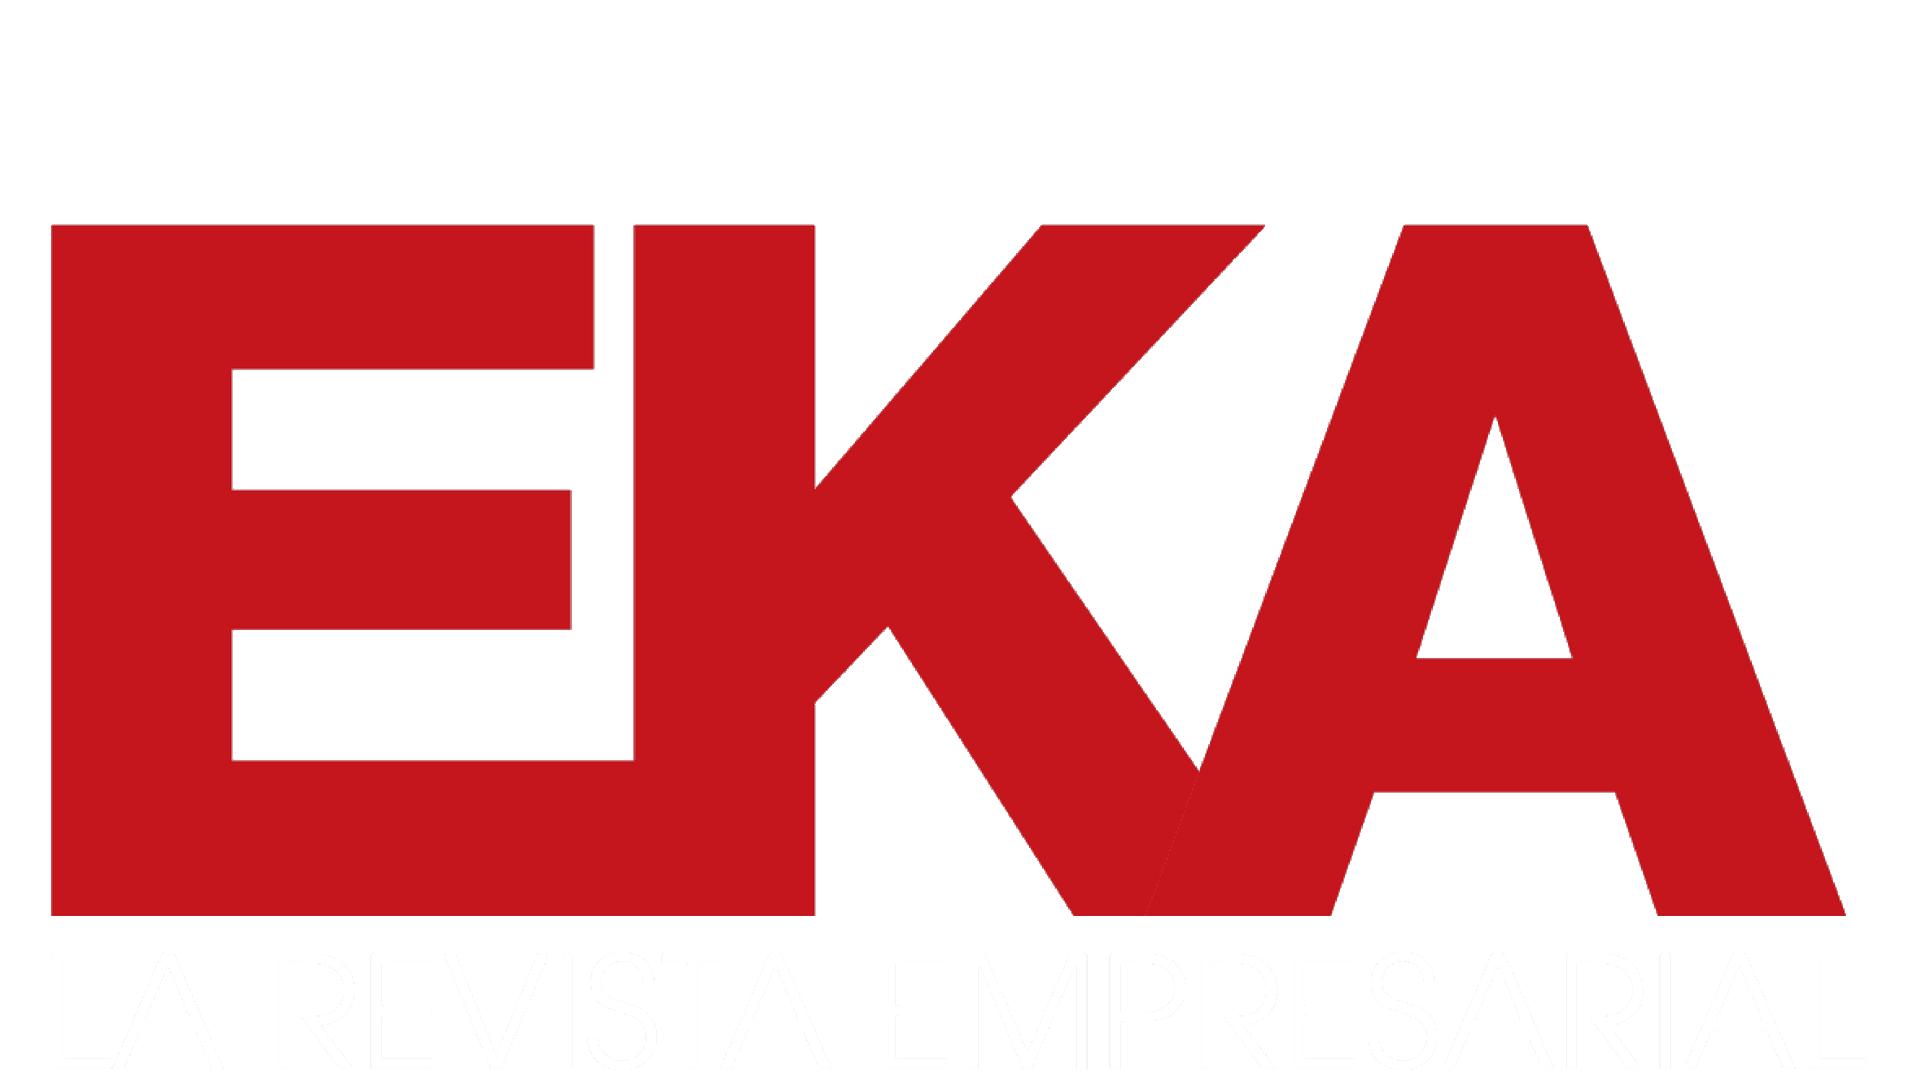 Revista EKA